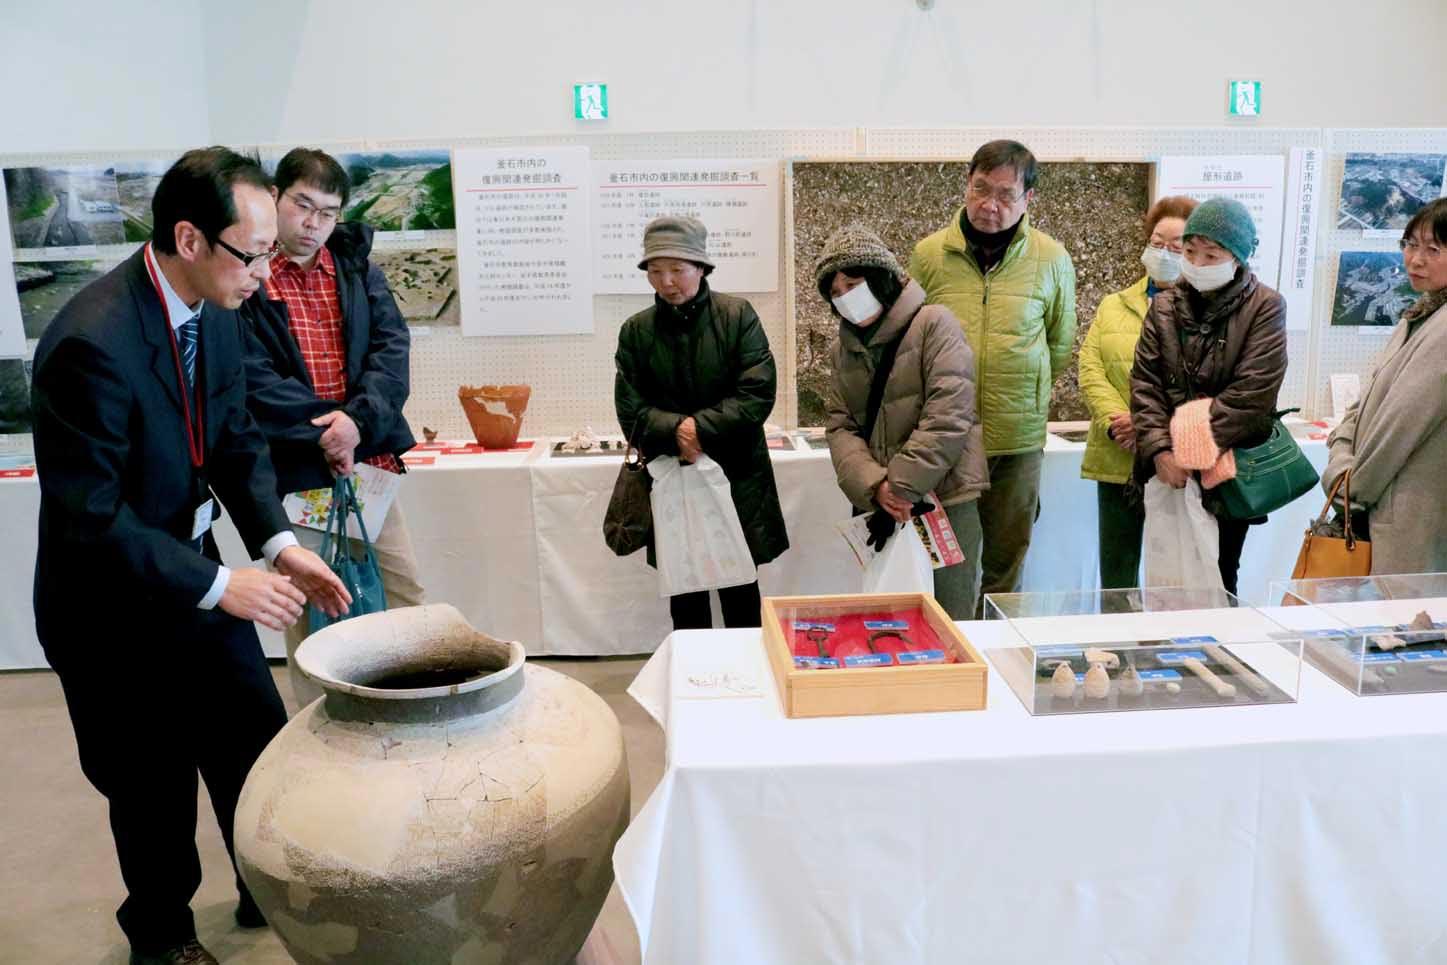 埋蔵文化財展では、大昔の人々の暮らしを垣間見ることができるさまざまな遺物が展示された